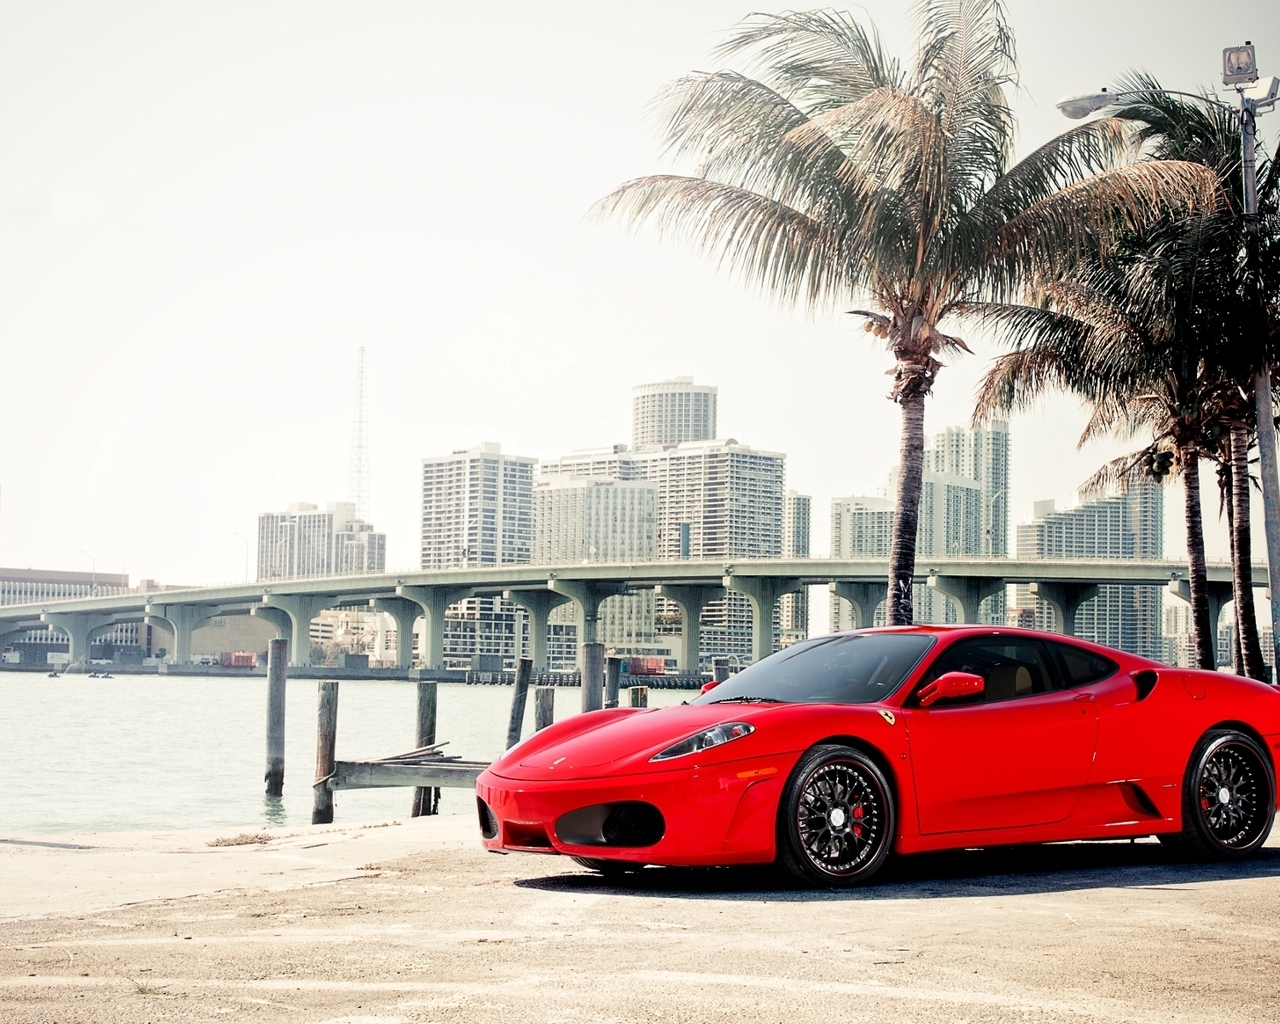 13001 скачать обои Транспорт, Машины, Феррари (Ferrari) - заставки и картинки бесплатно